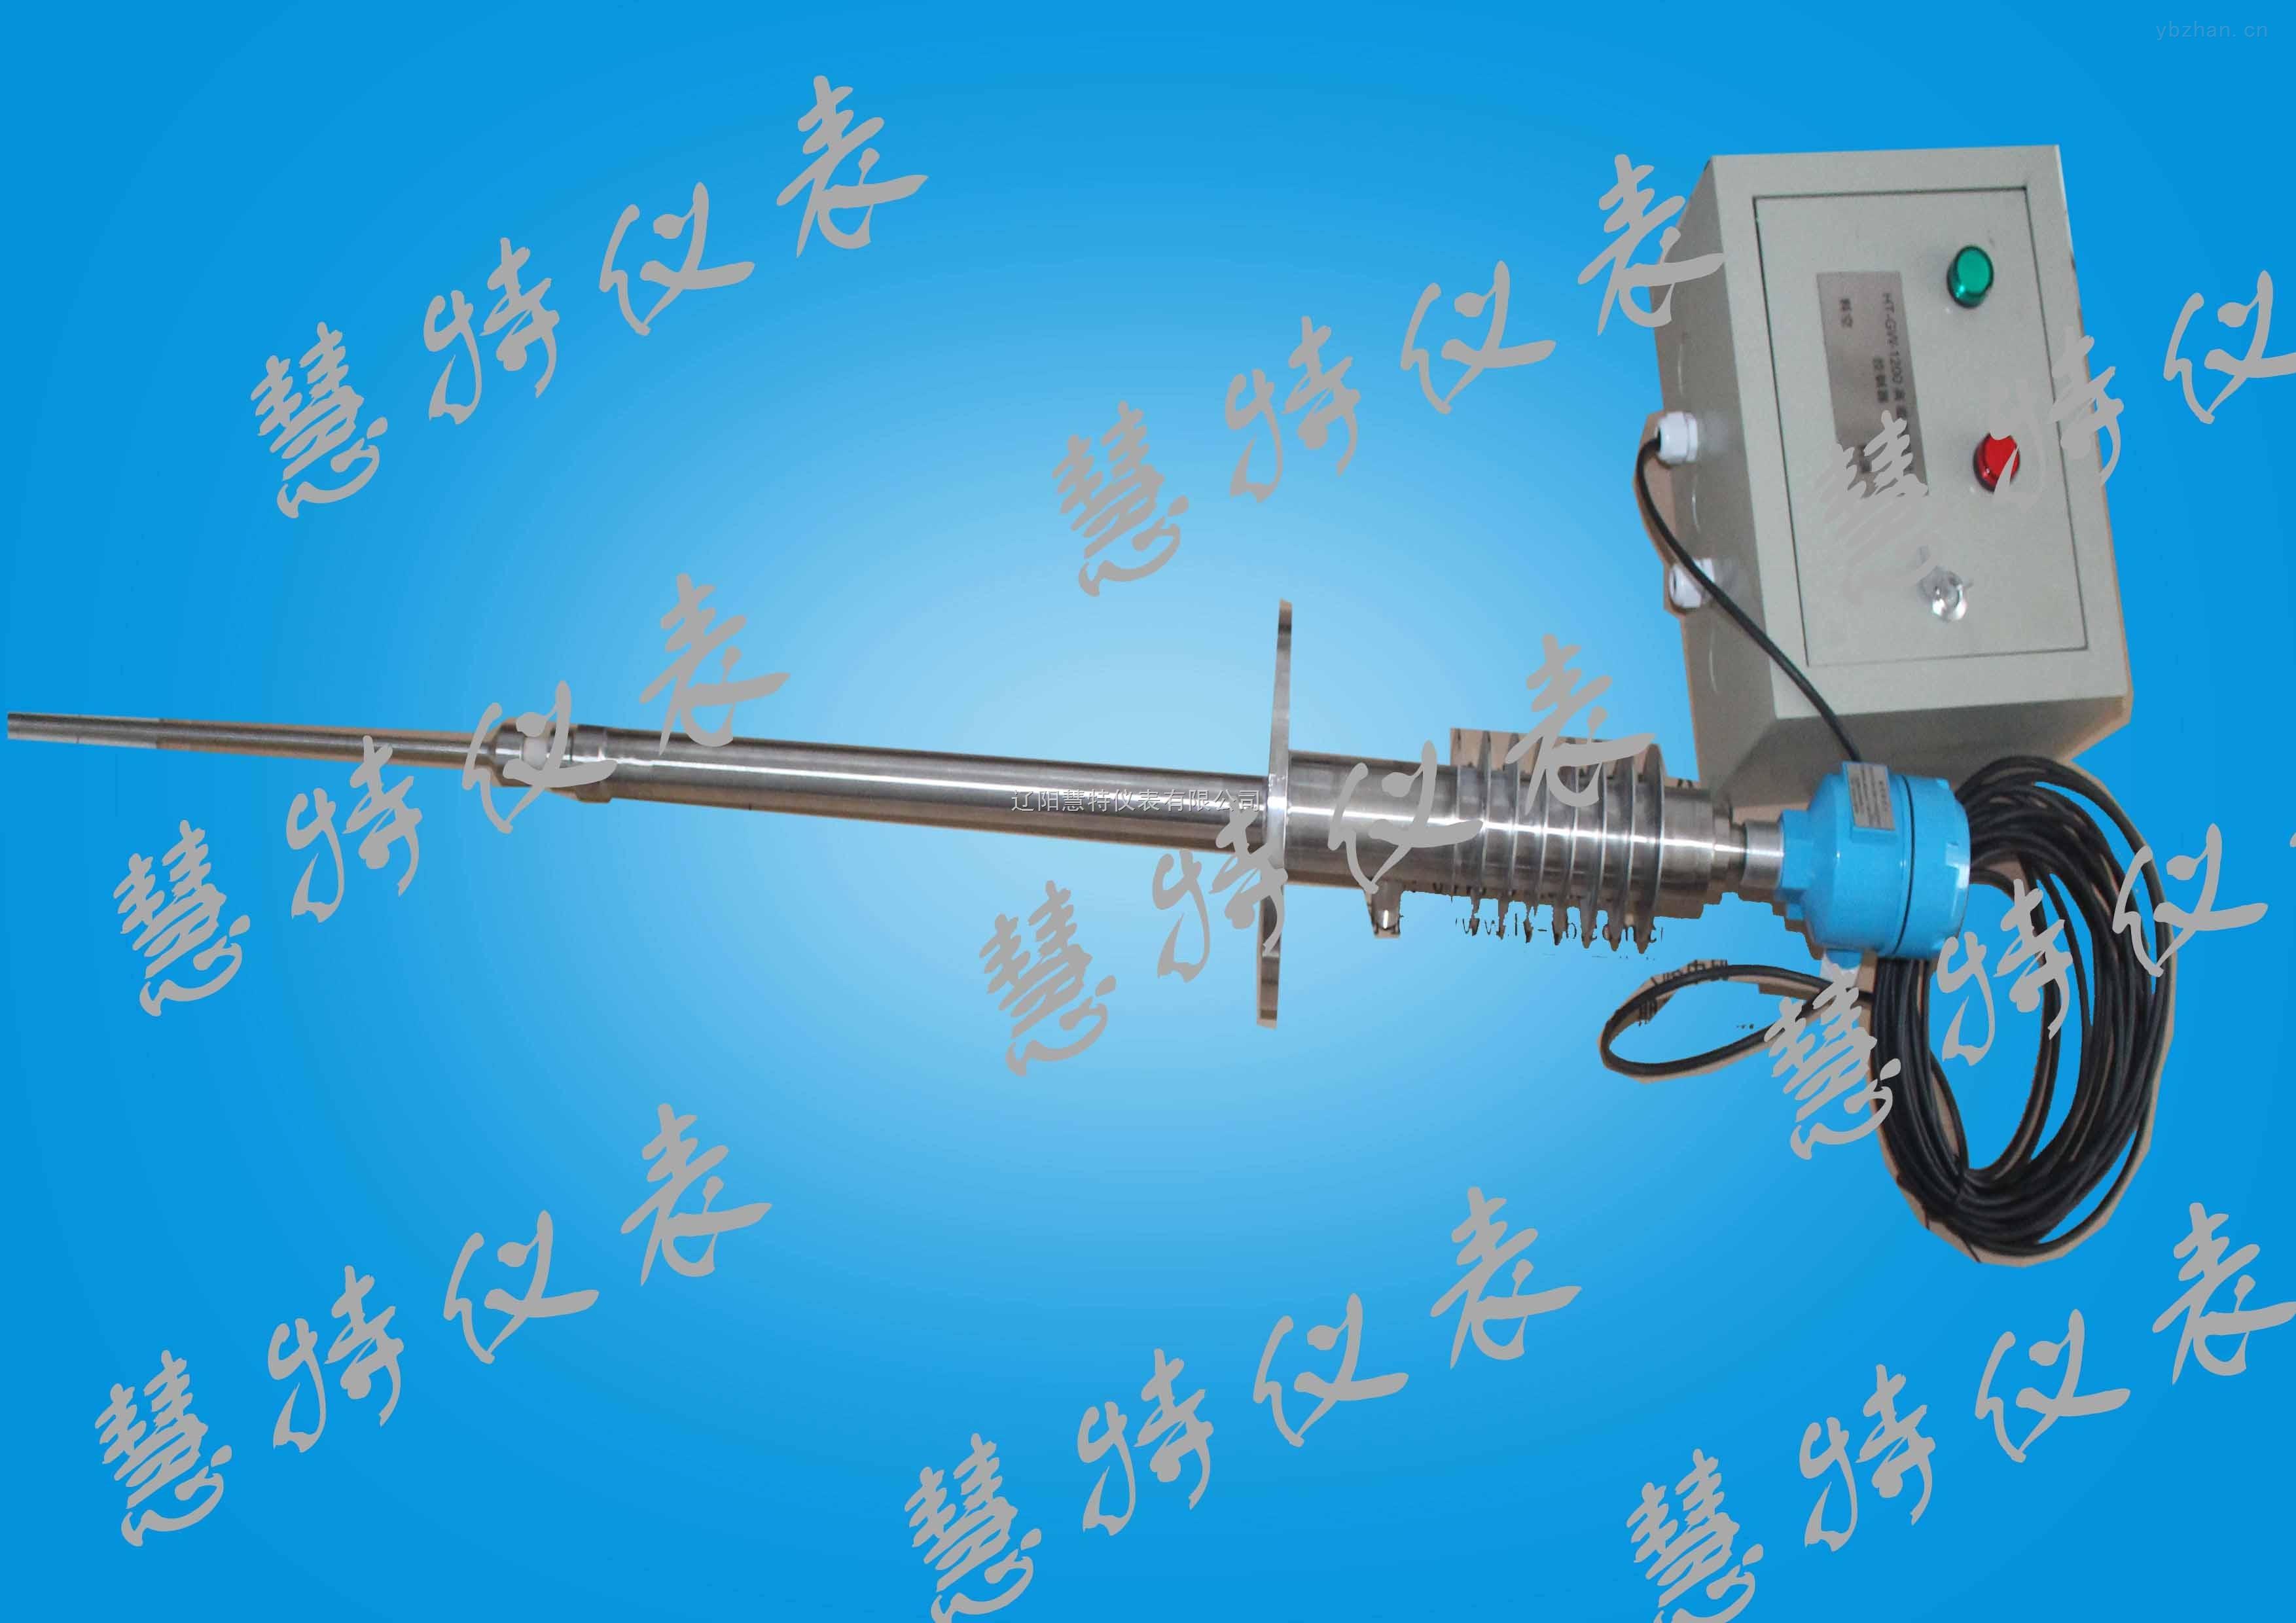 批发超高温射频导纳料位计/超高温射频导纳物位计/高温仓泵料位计